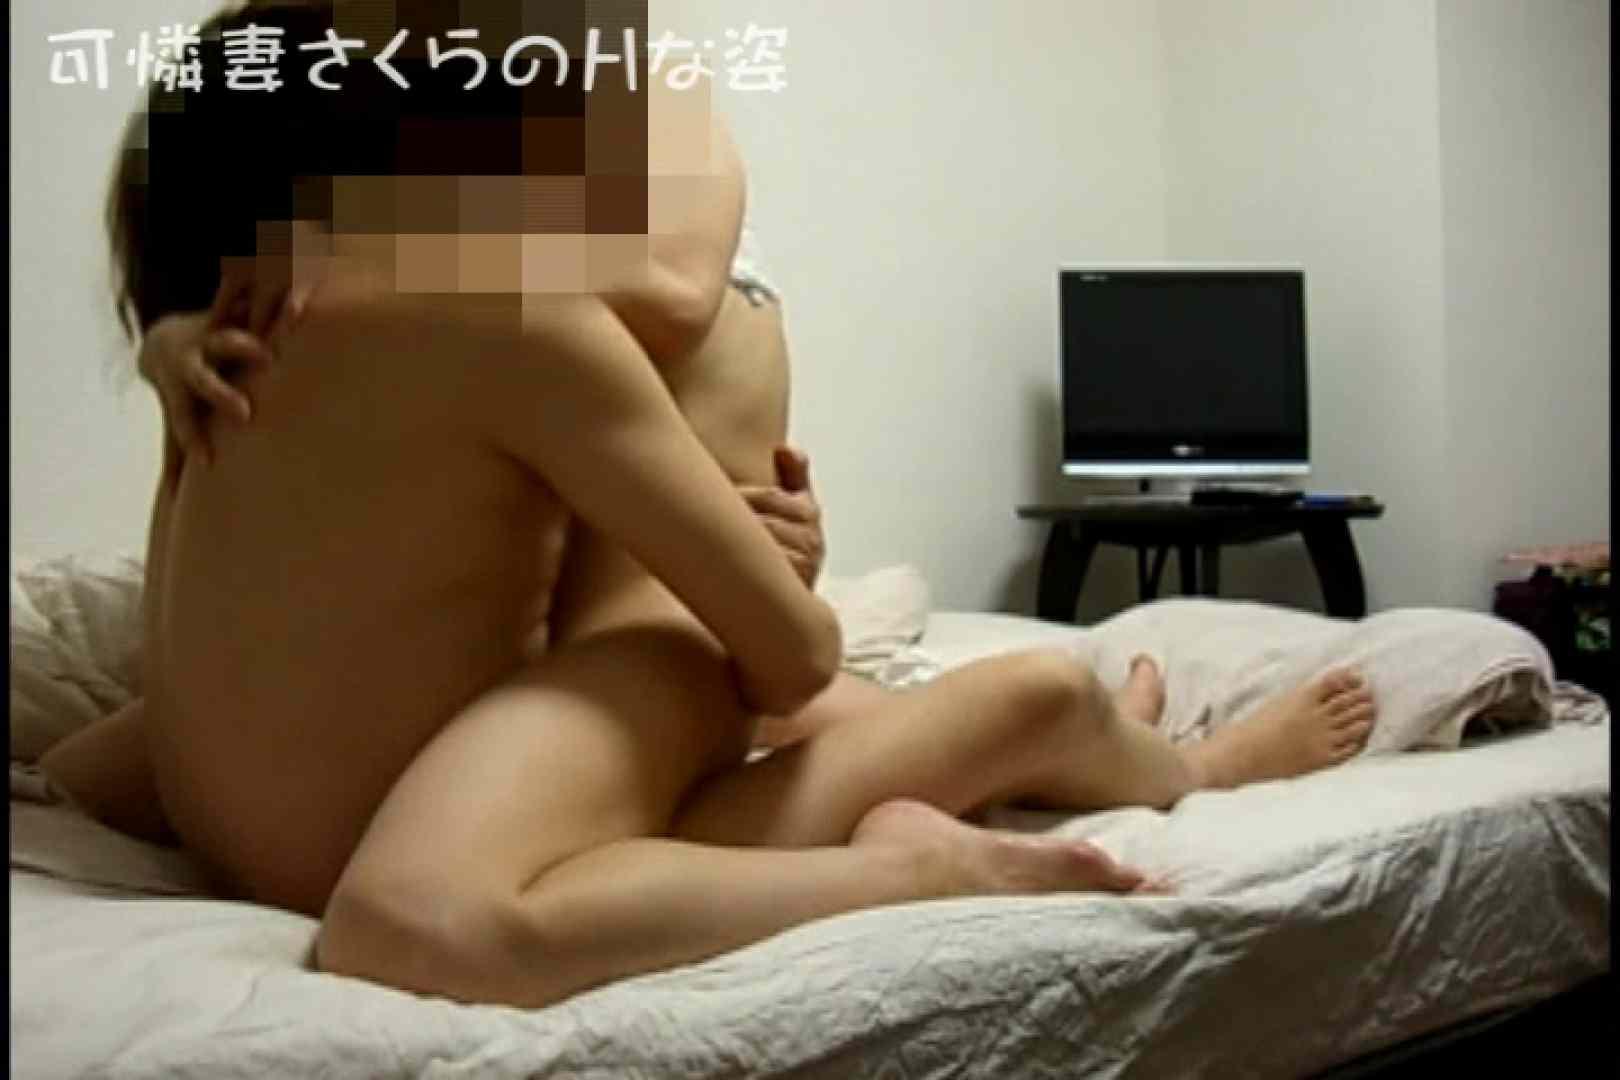 可憐妻さくらのHな姿vol.4後編 エッチなOL   セックス映像  108枚 89